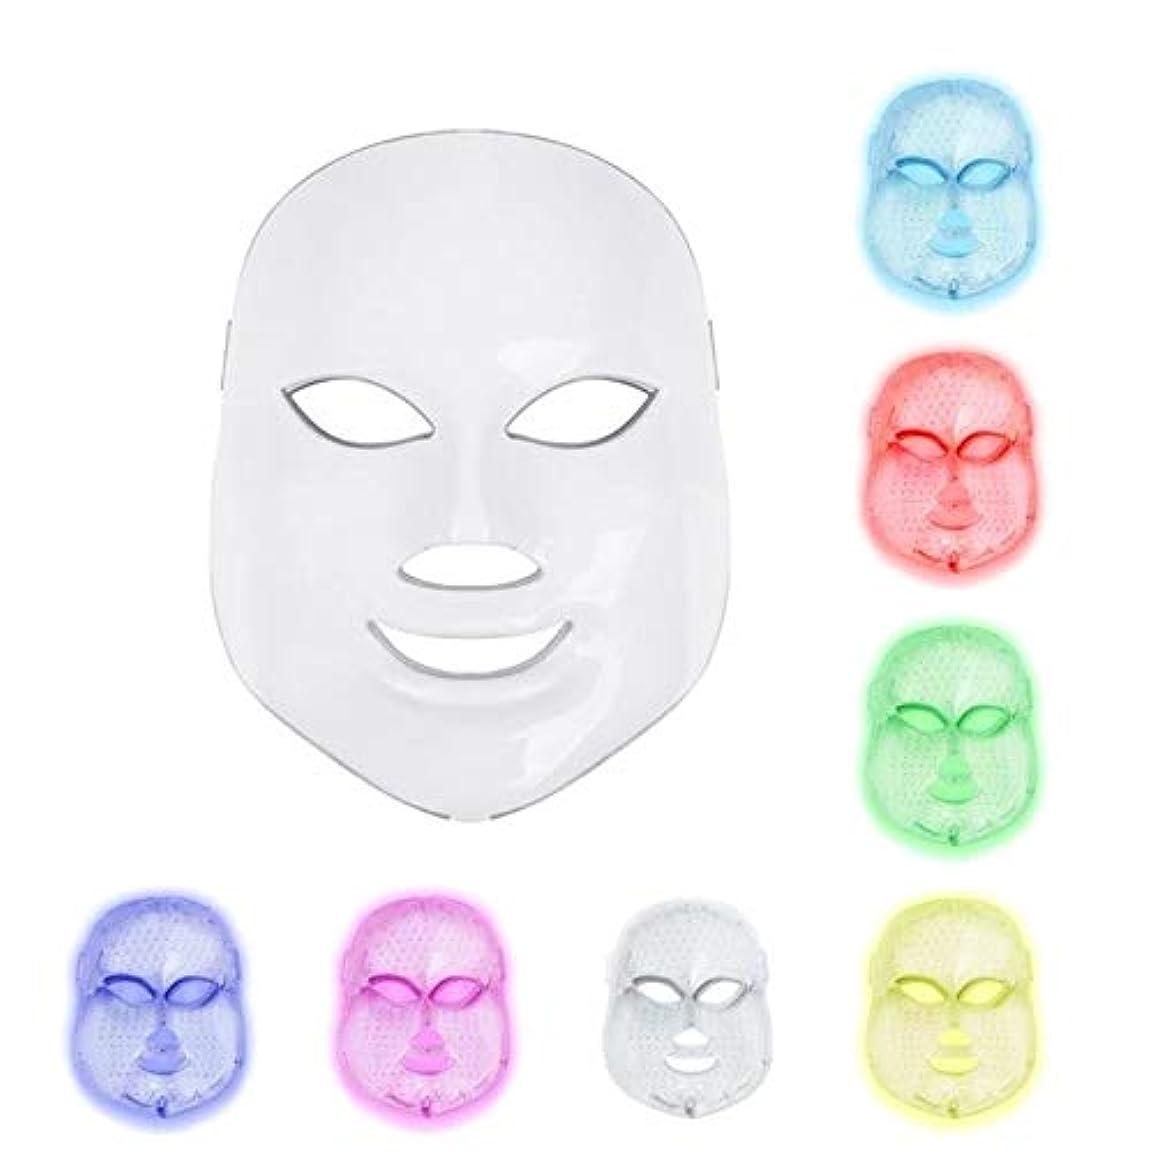 ひどい玉伝記Led光子療法7色光治療肌の若返りにきびスポットしわホワイトニング美顔術デイリースキンケアマスク